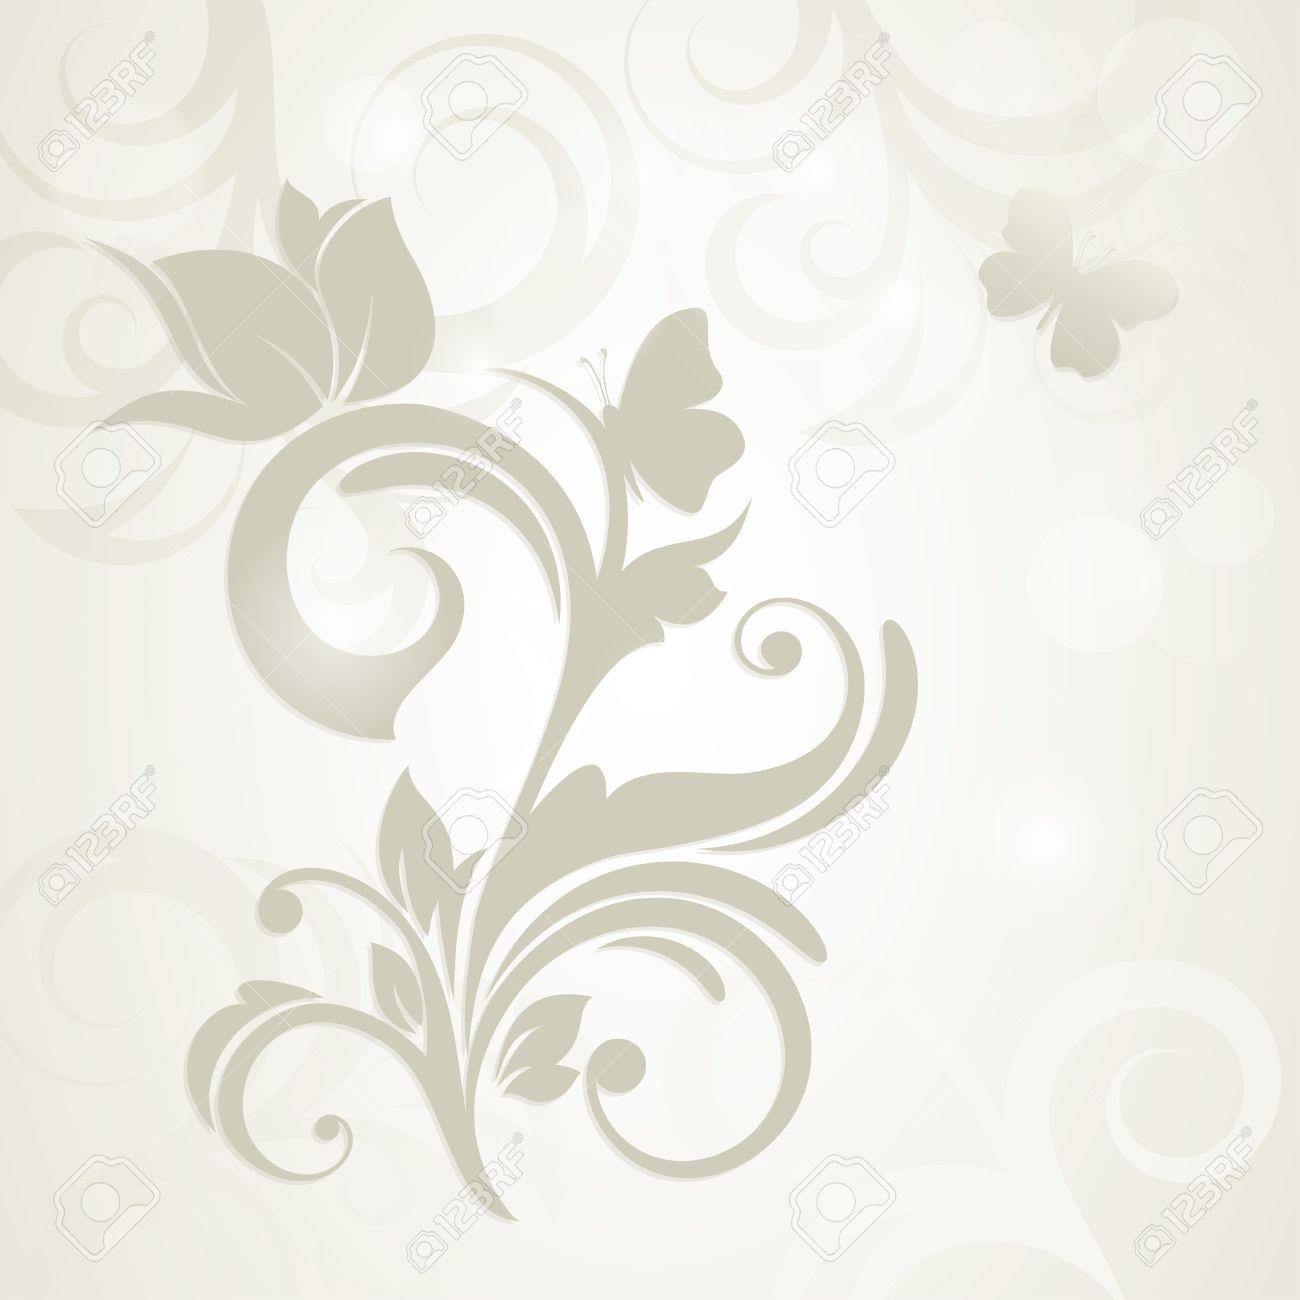 Tarjeta O Invitación De Boda Con Flora Fondo Saludo Modelo De La Elegancia Tarjeta De Resumen De Flores En Tarjeta De Estilo Vintage Para Las Madres